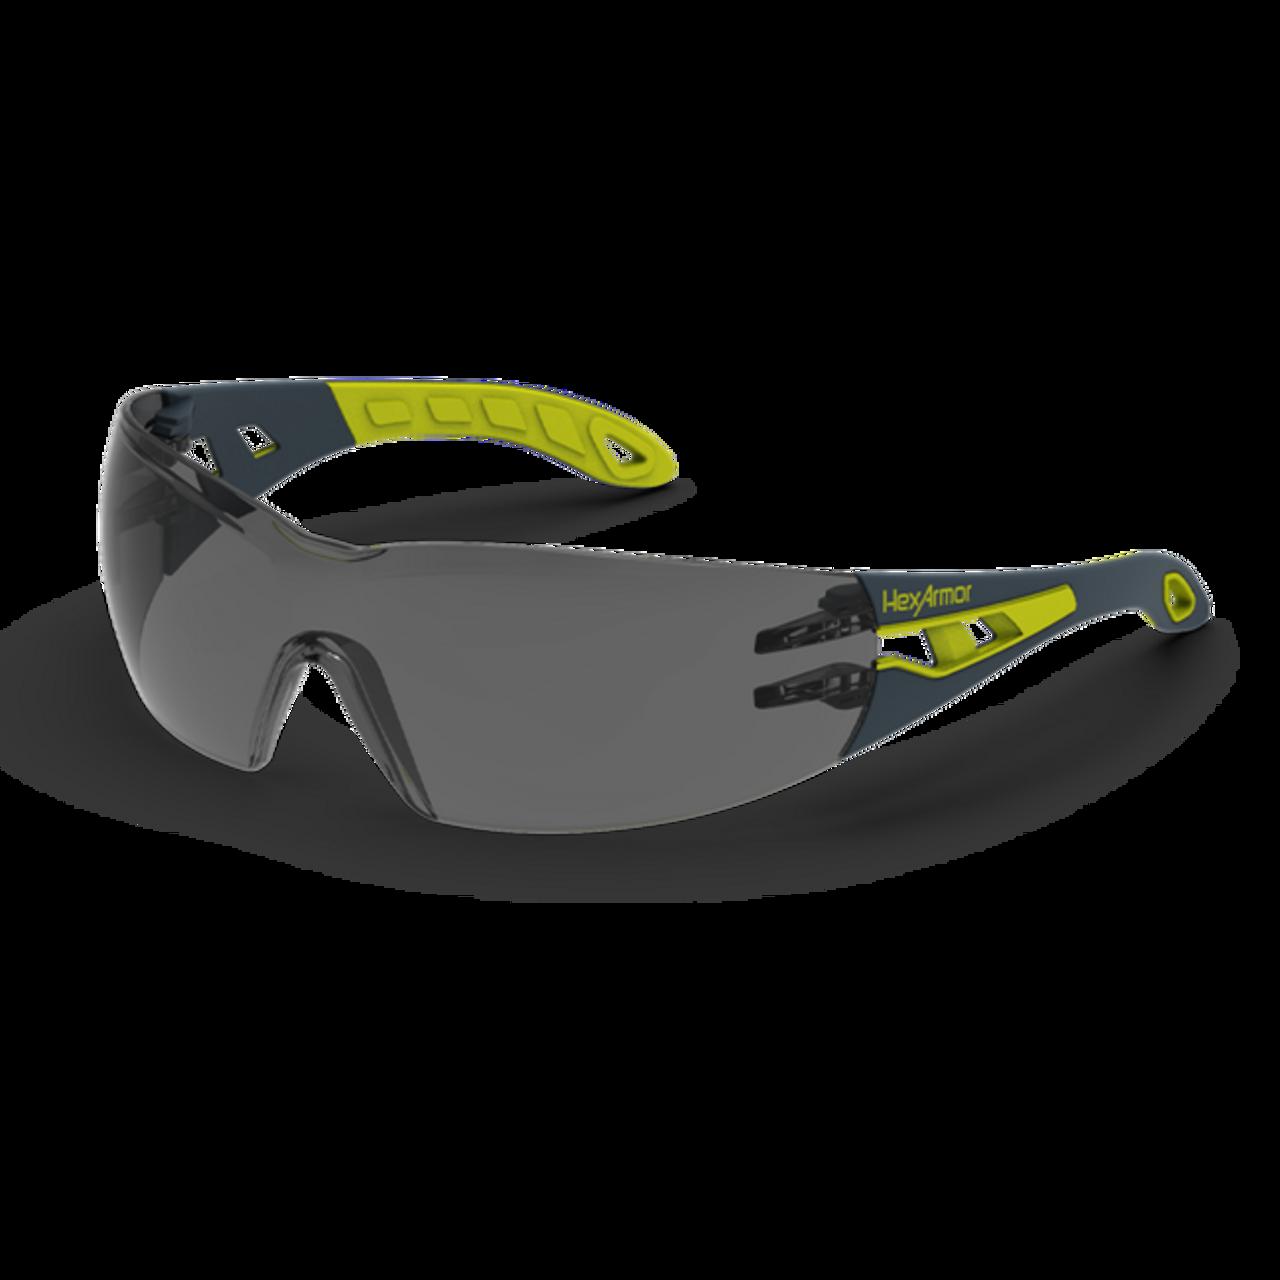 Hexarmor 11 10006 02 Mx200 Safety Eyewear Grey 23 Light Transmission Lens With Trushield Coating